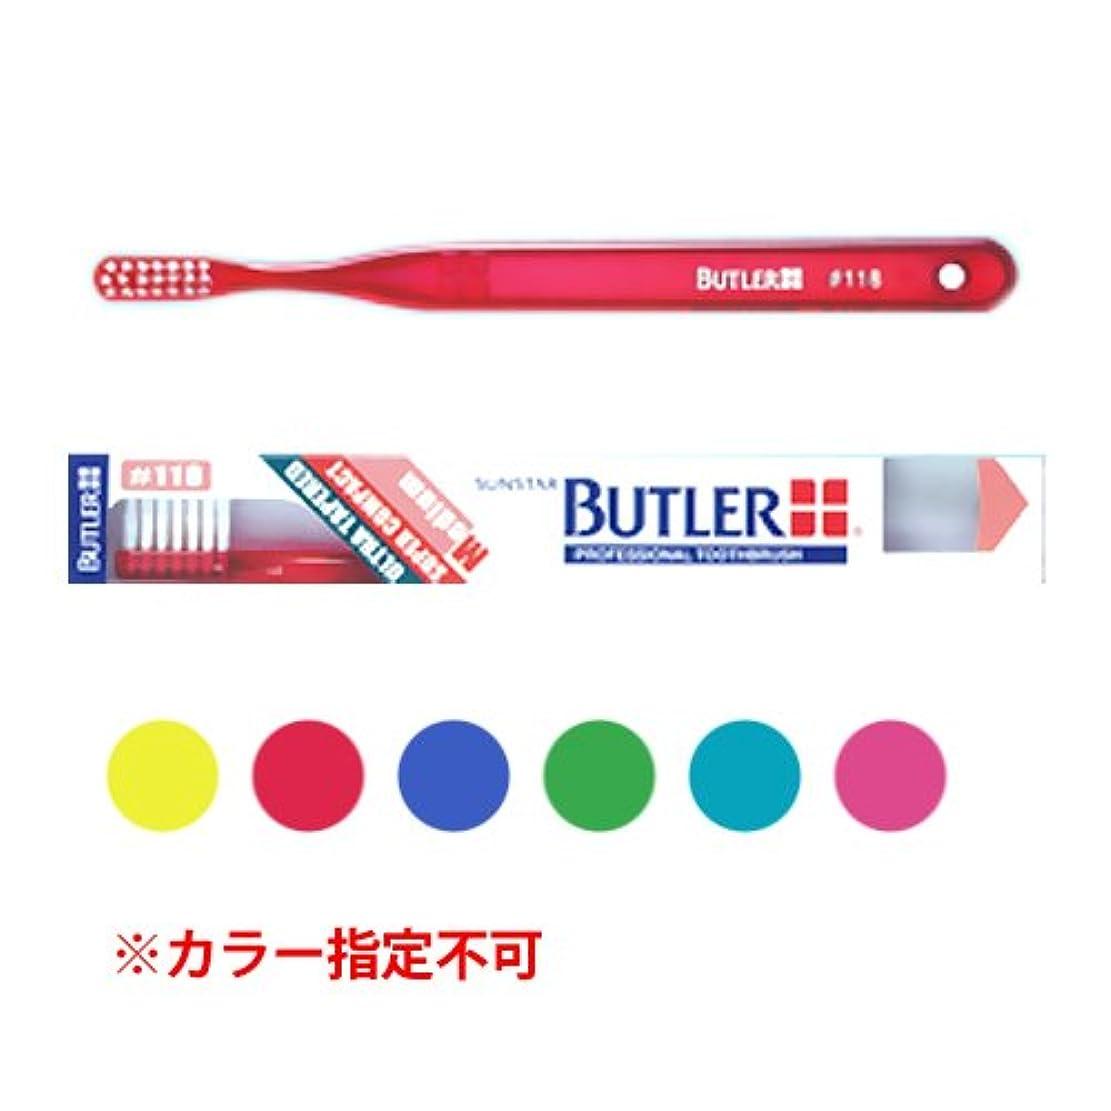 概要信頼性圧縮バトラー 歯ブラシ 1本 #118